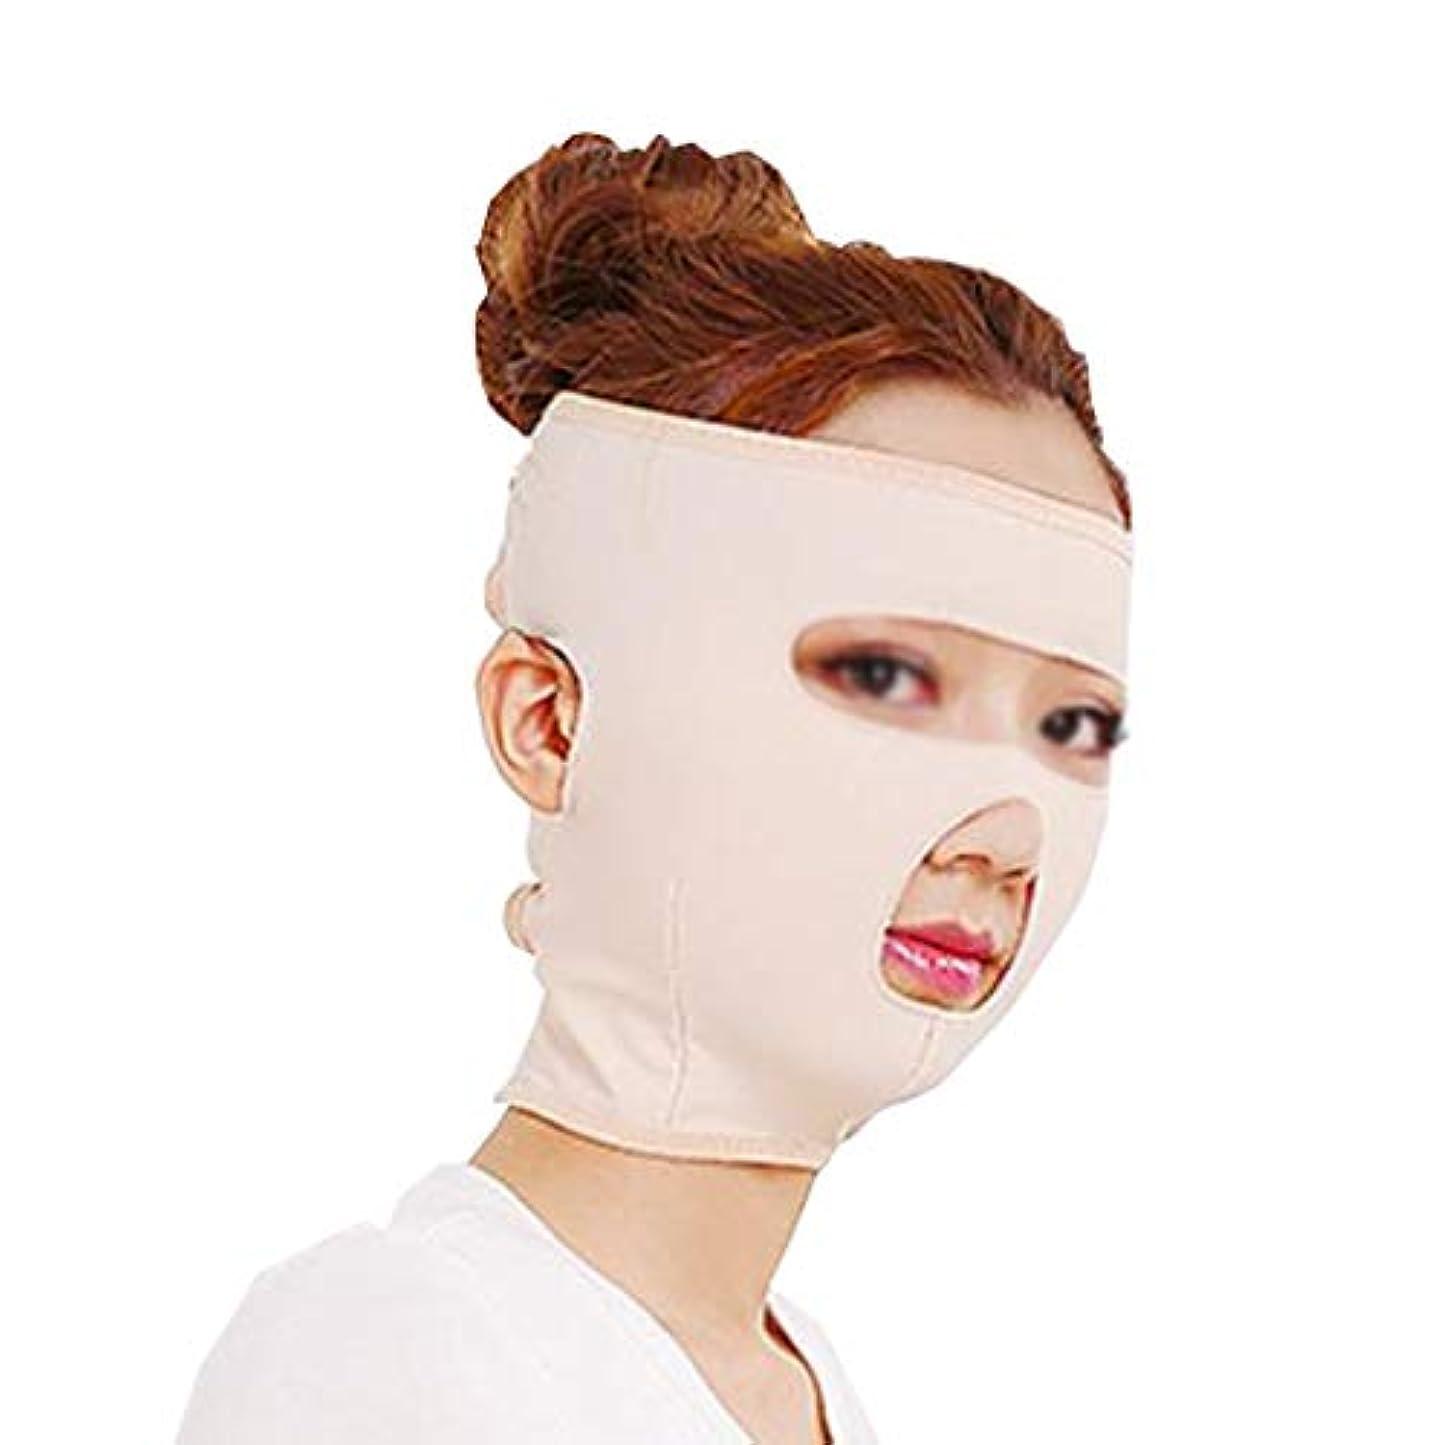 企業空気浴ZWBD フェイスマスク, 強力なフェイスマスクフェイスマスクフェイスウェイトバンデージファーミングフェイスマスクフェイスマスク